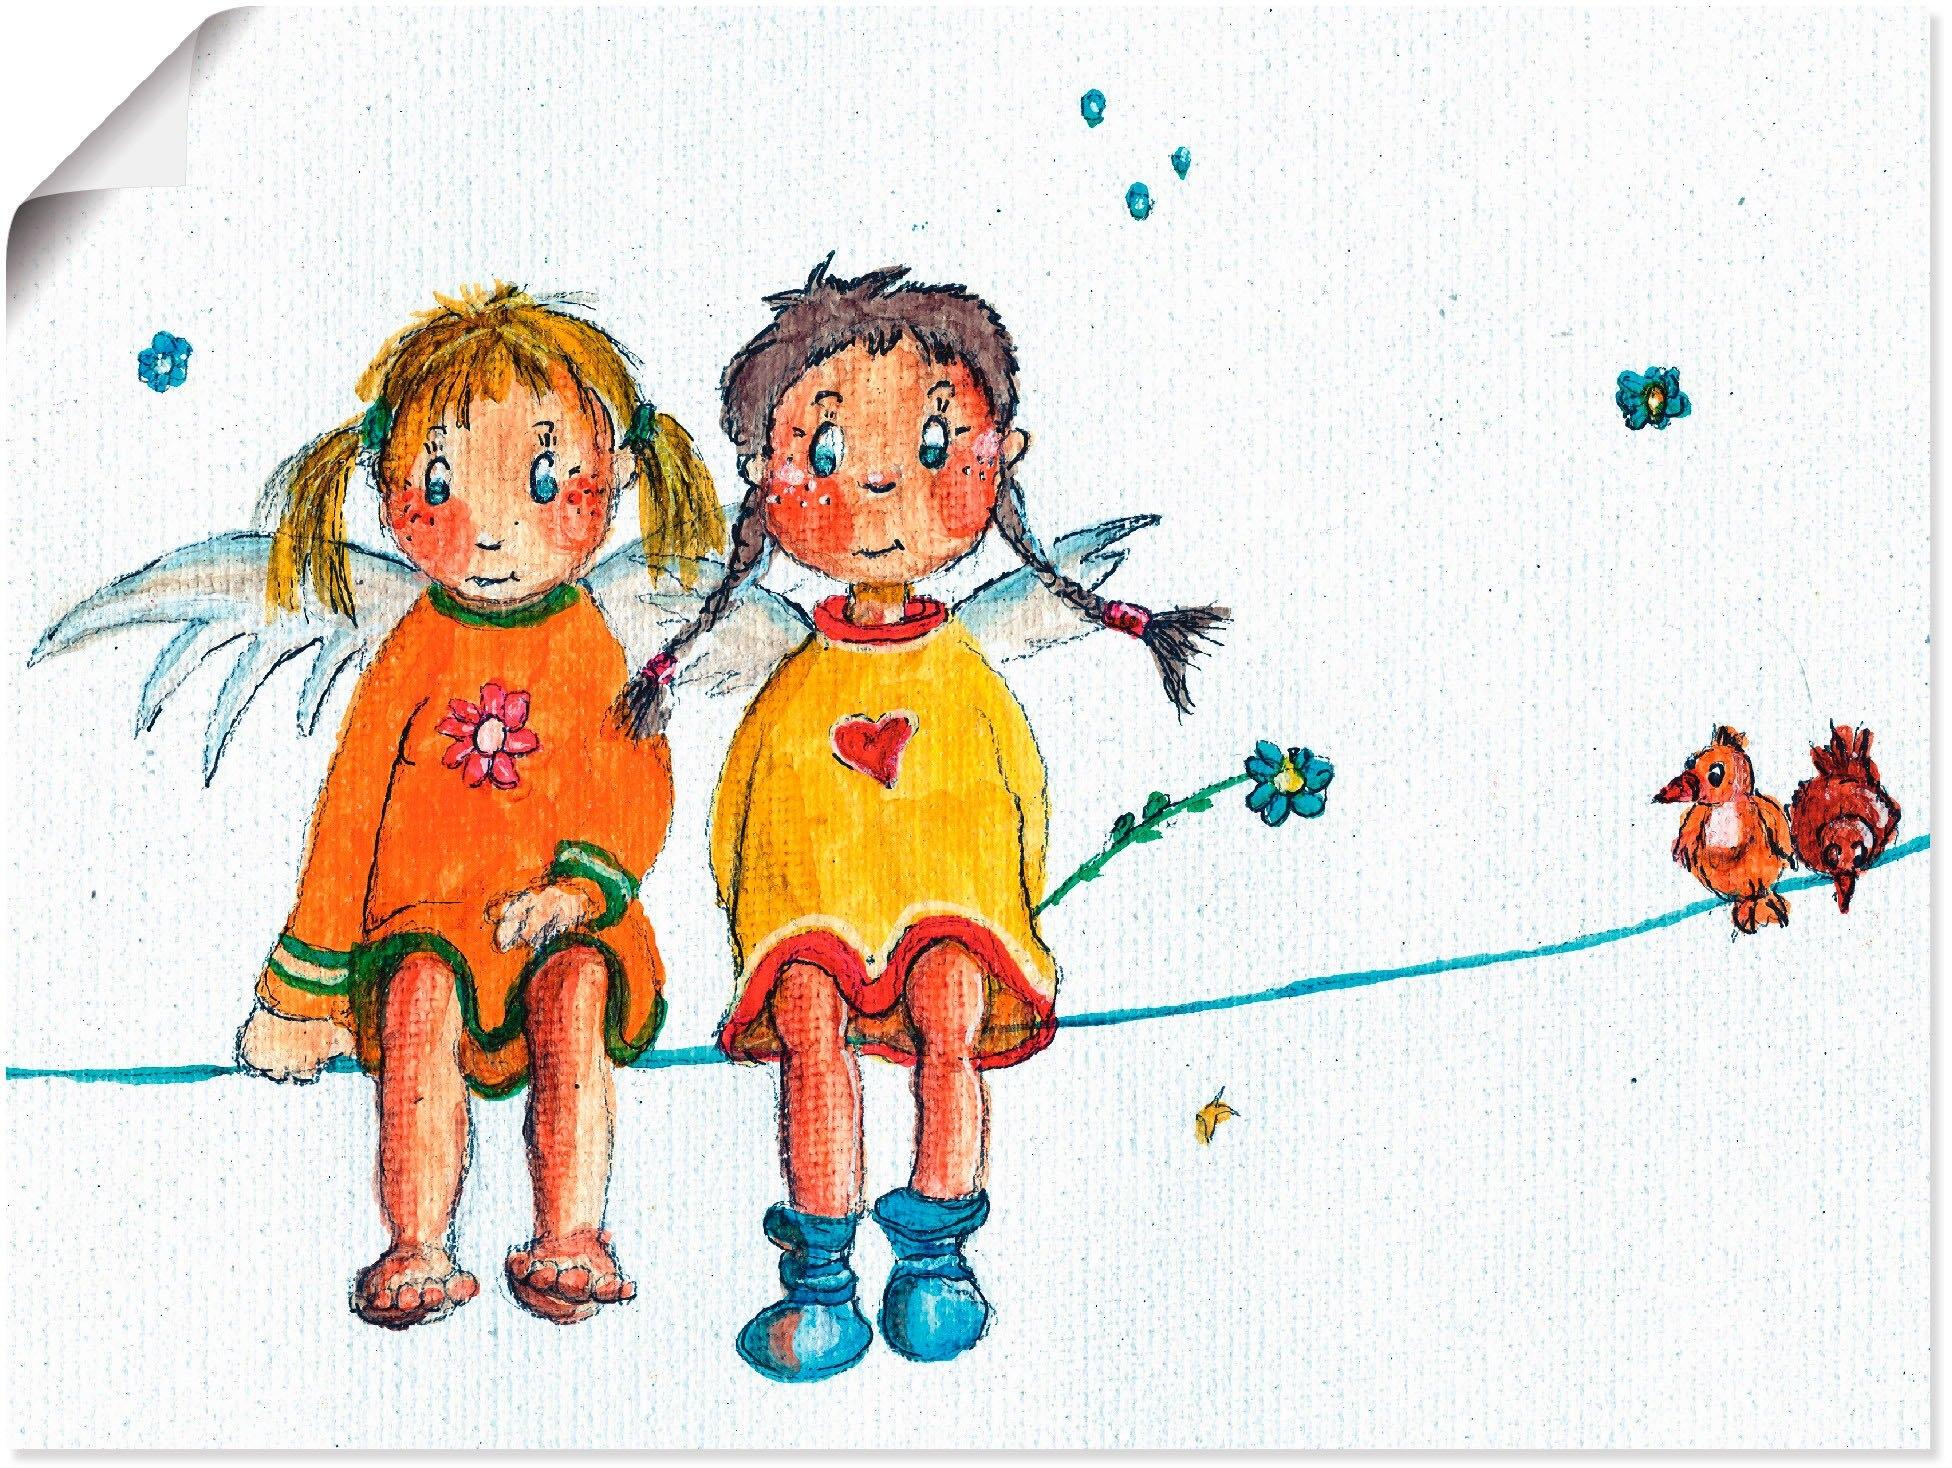 Artland artprint Twee engeltjes zitten op de waslijn in vele afmetingen & productsoorten -artprint op linnen, poster, muursticker / wandfolie ook geschikt voor de badkamer (1 stuk) goedkoop op otto.nl kopen